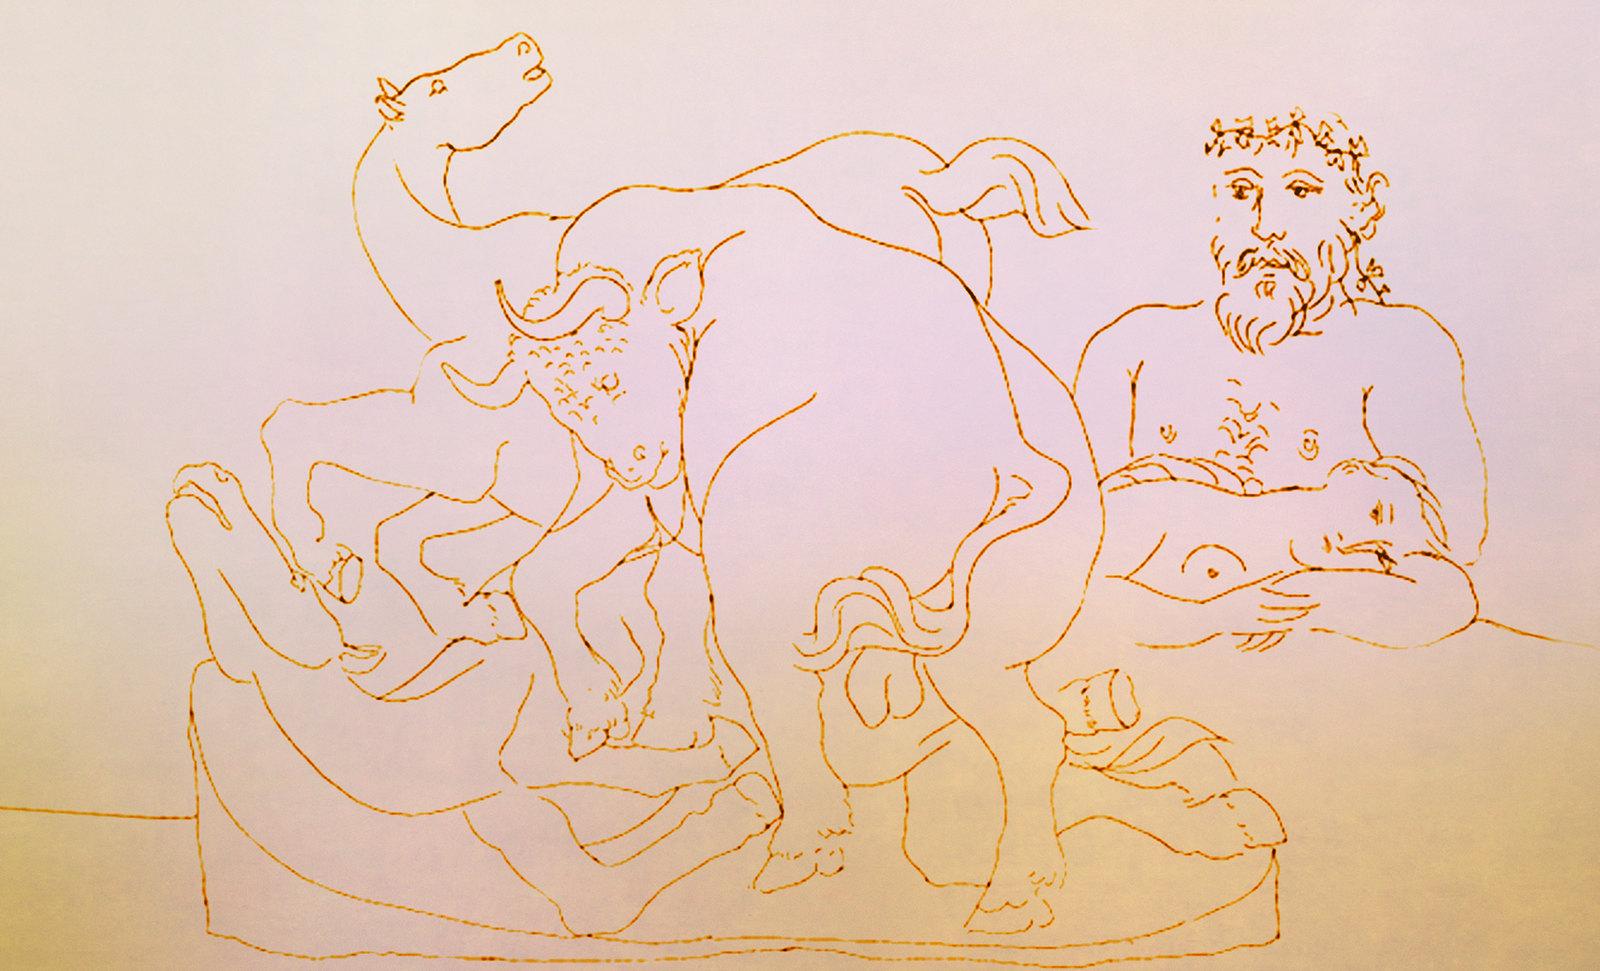 48Pablo Picasso